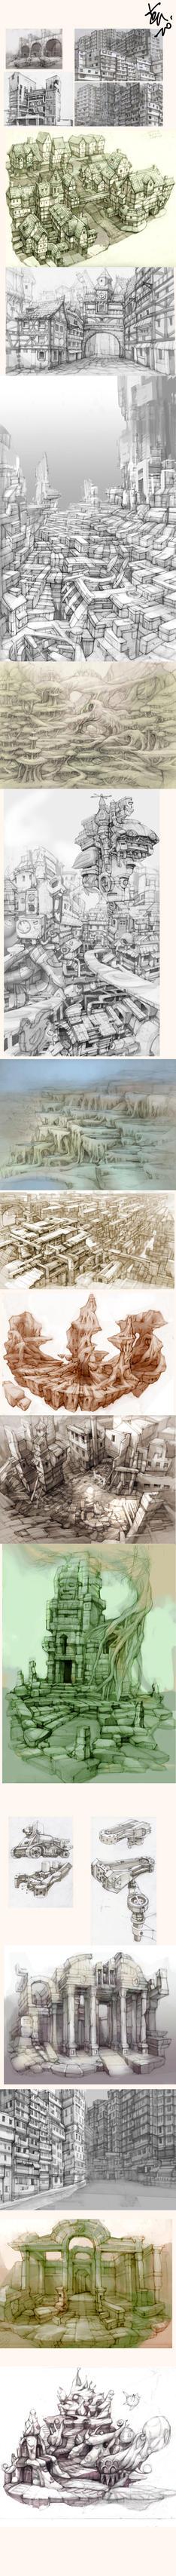 my sketch by yunhyunjung